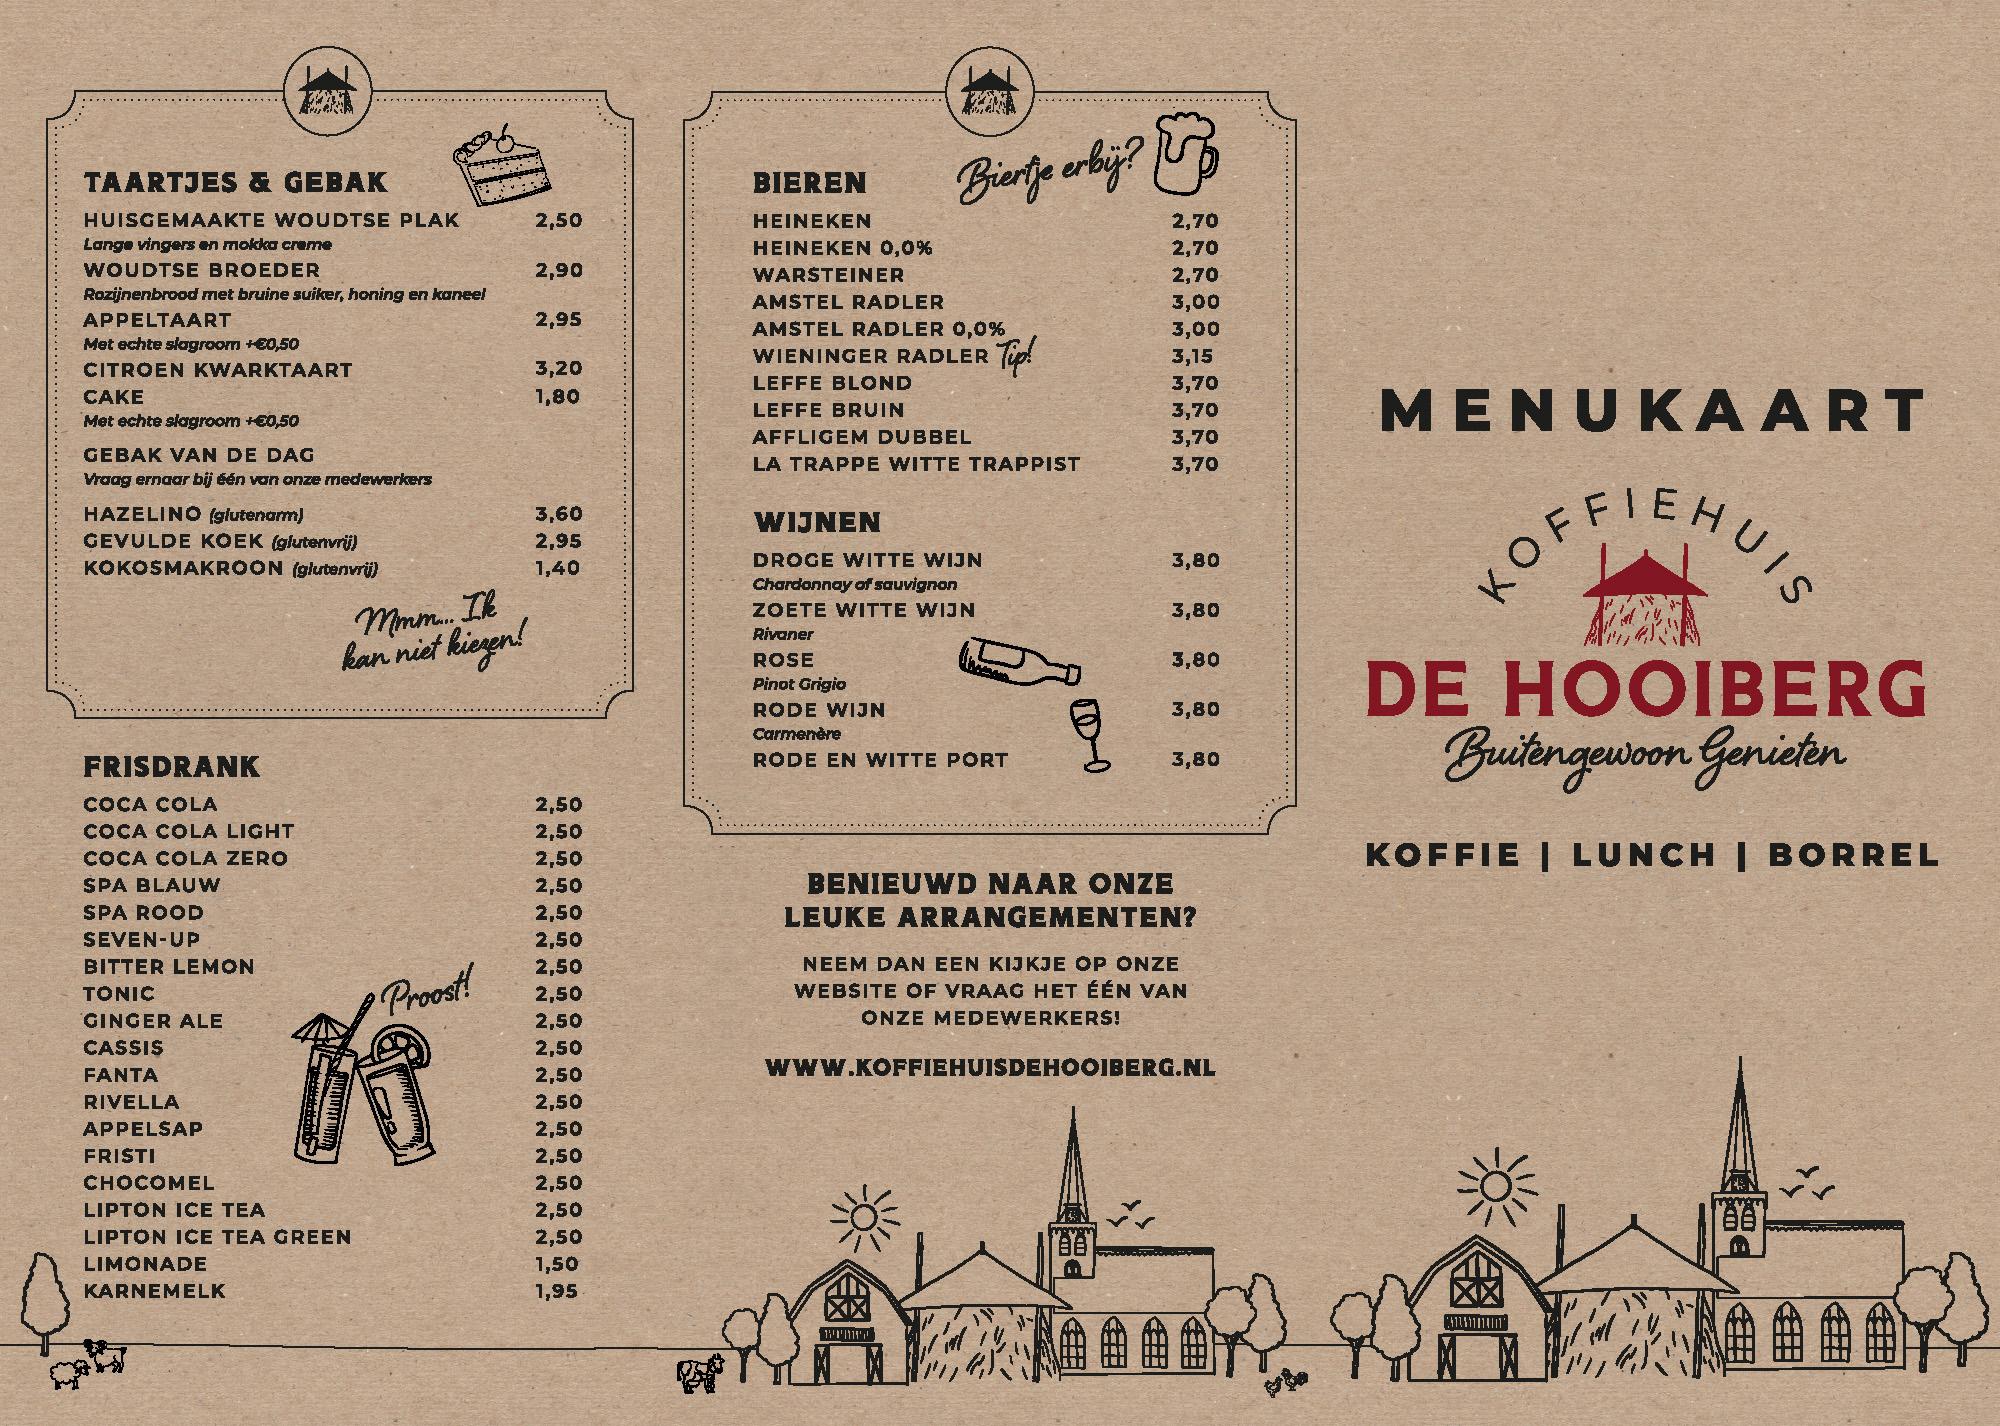 Menukaart De Hooiberg